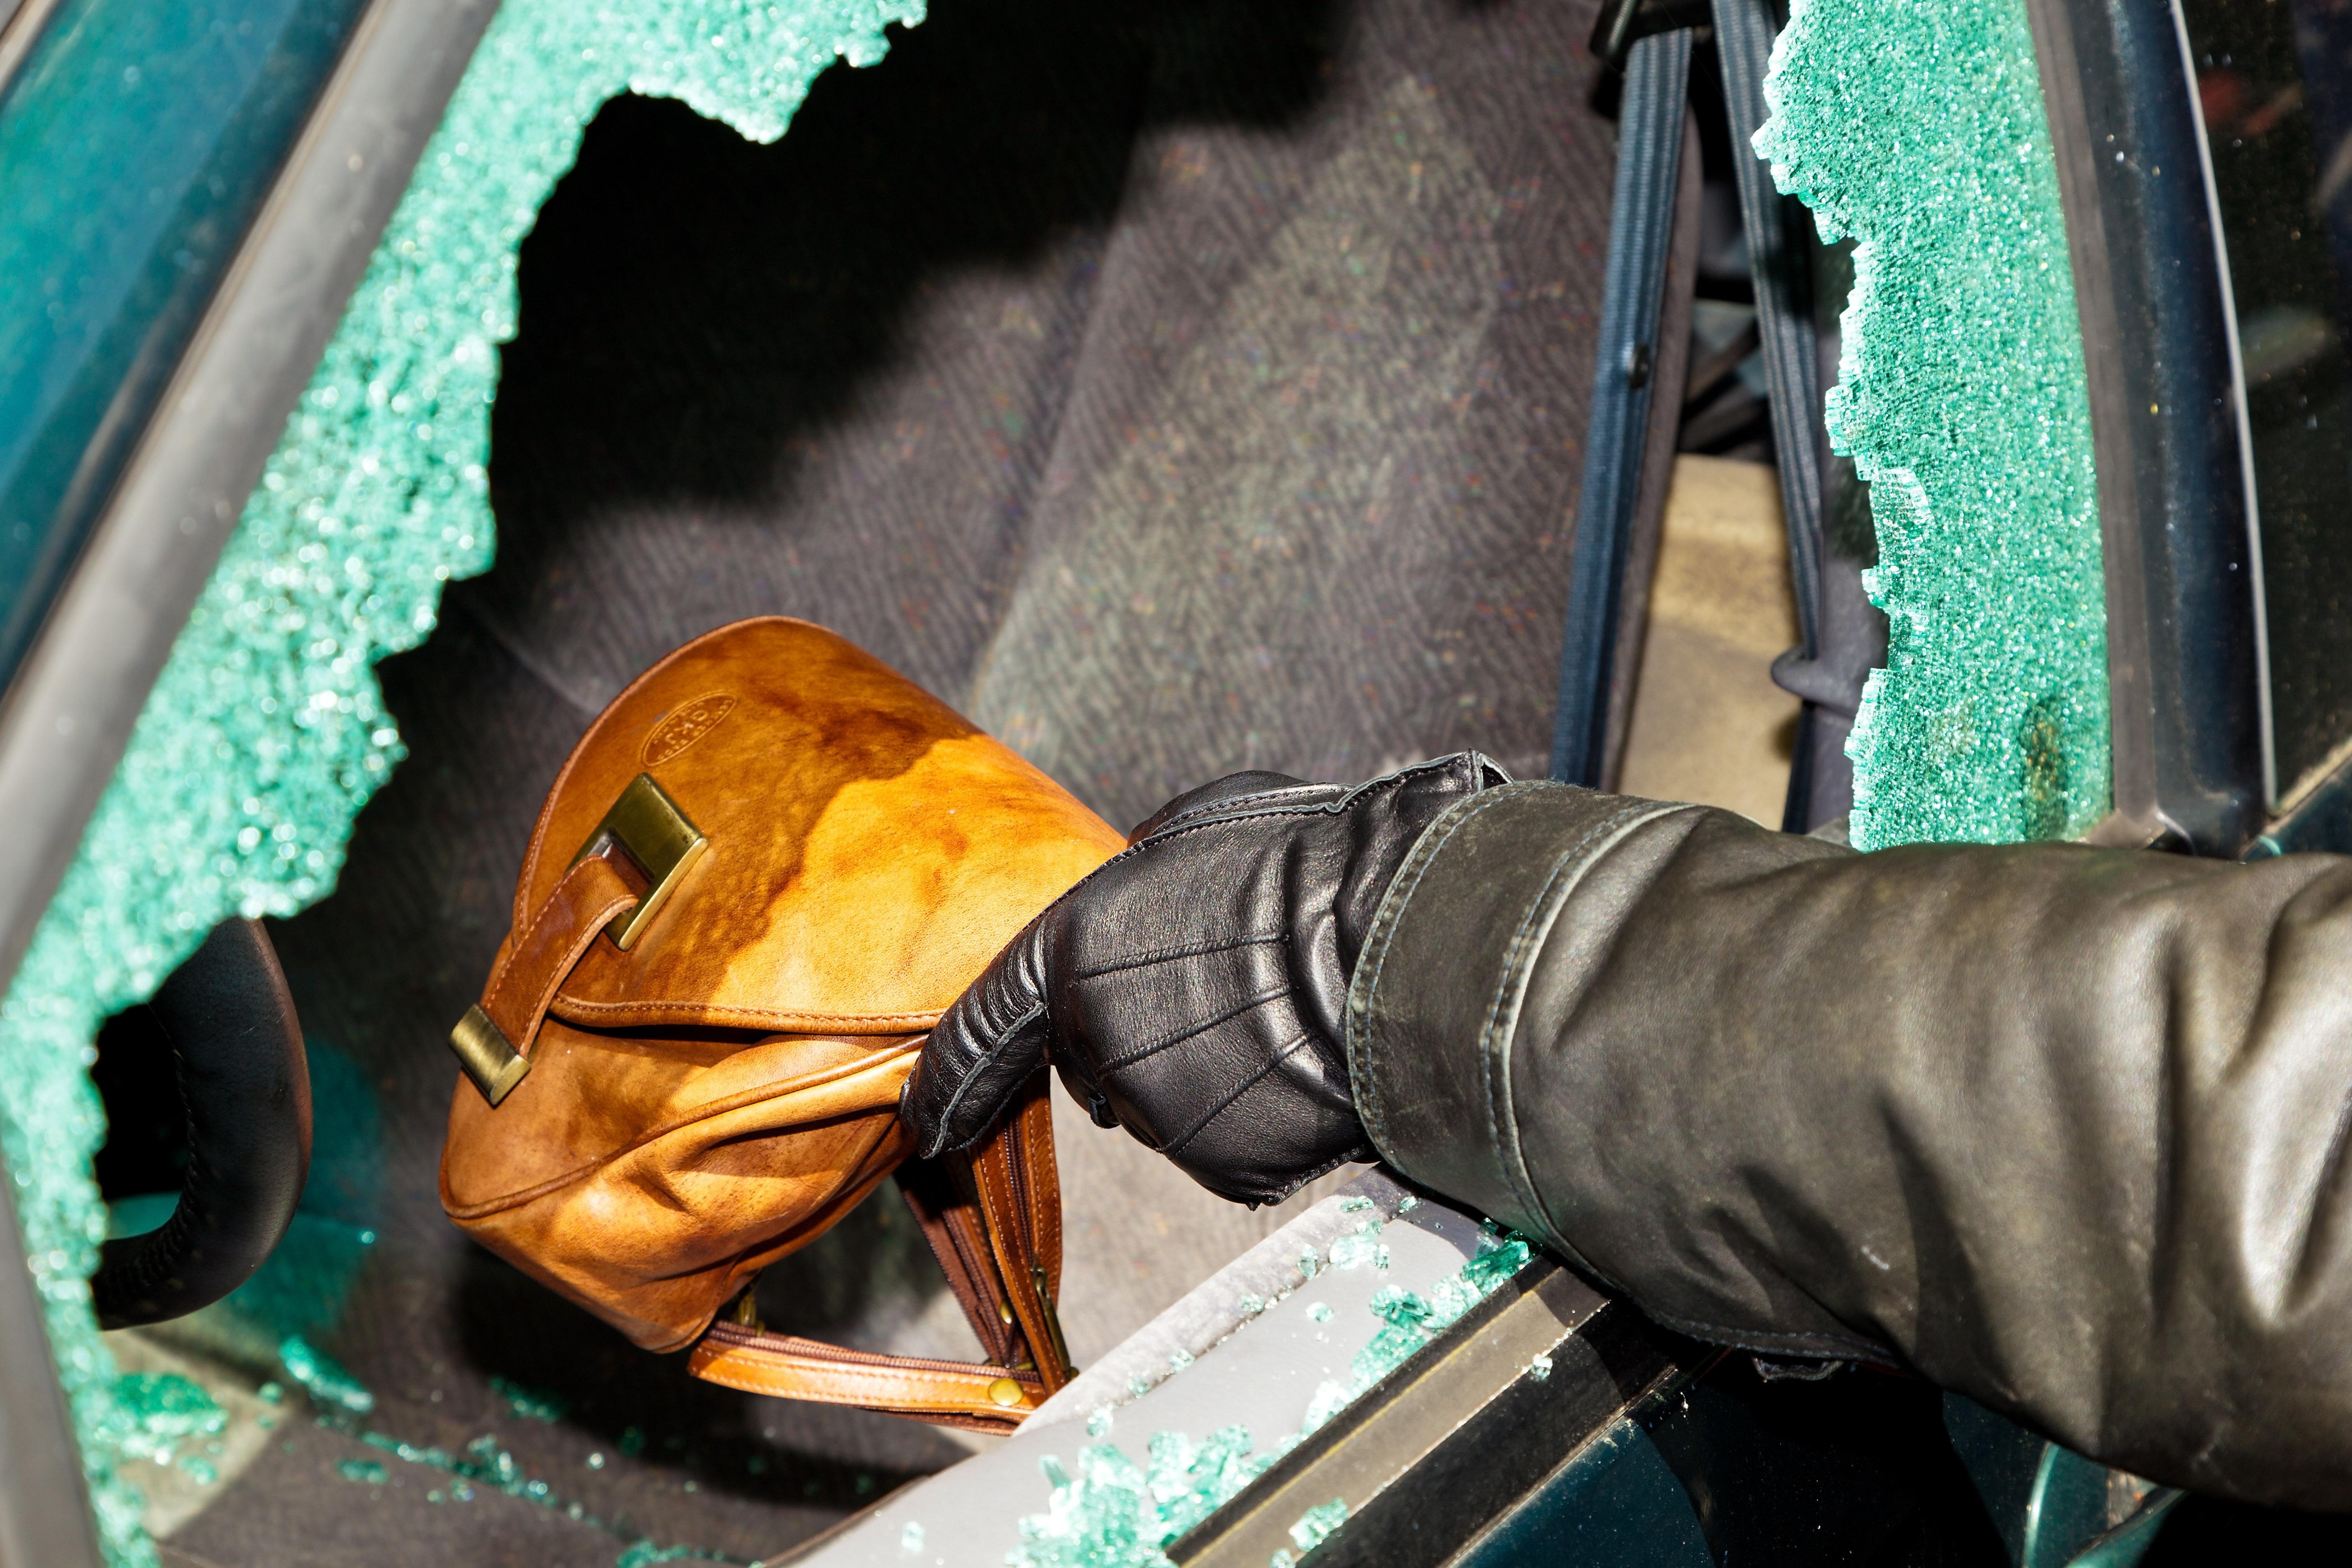 Diebe entwendeten einer 81-jährigen Frau aus Dresden die Handtasche. (Symbolbild)